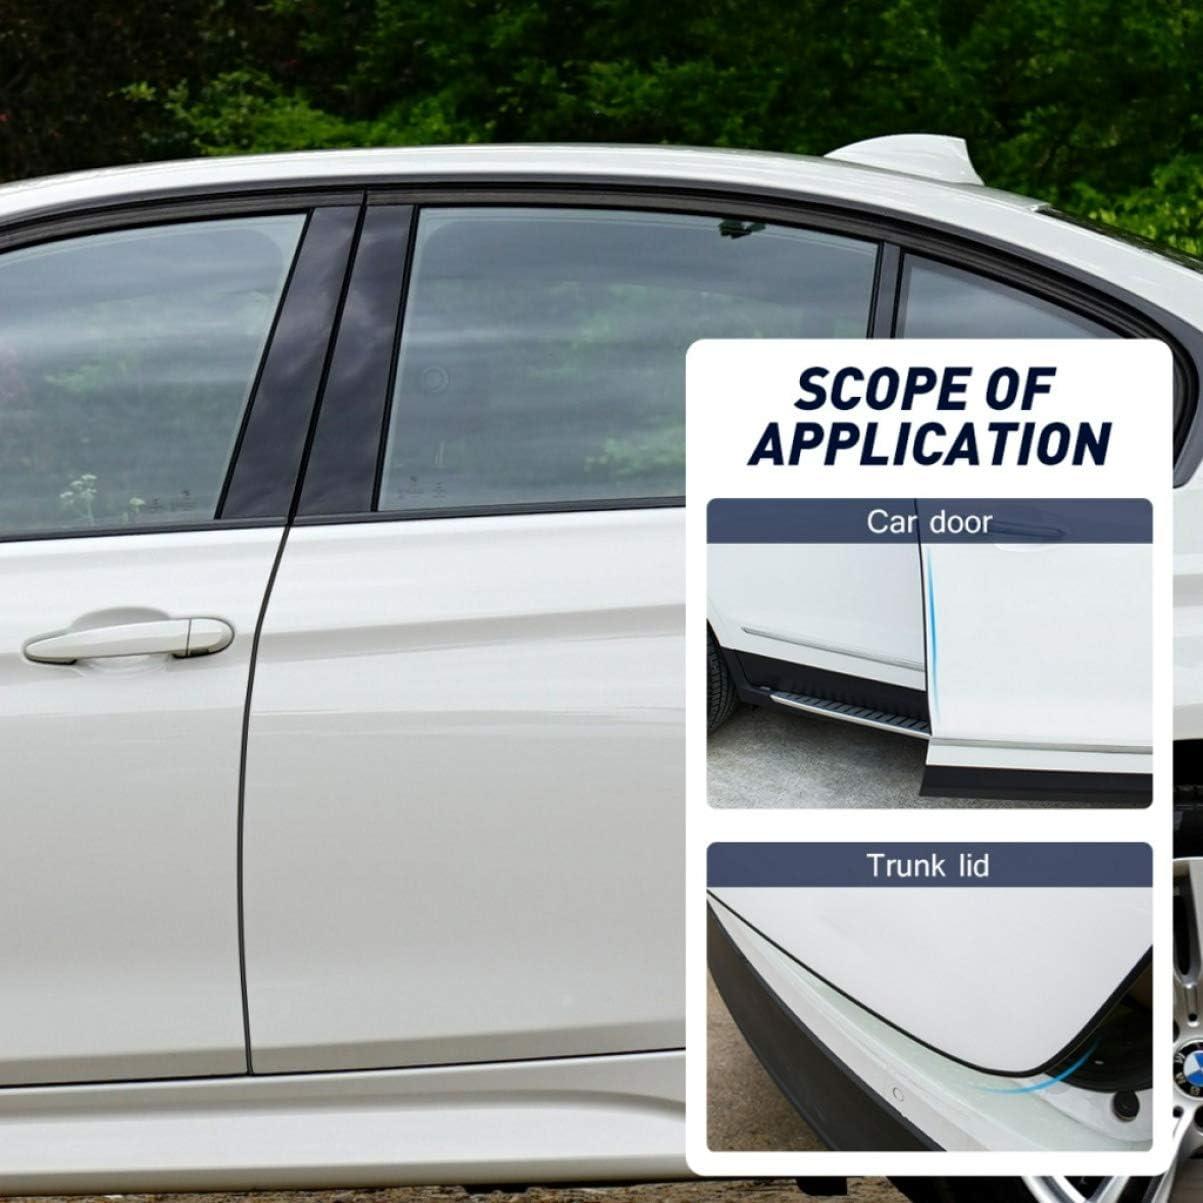 GARNECK Protezioni per Bordi delle Portiere per Auto Strisce di Tenuta Visibili Resistenti Ai Graffi Antiurto Protezioni per Bordi della Custodia per Auto SUV